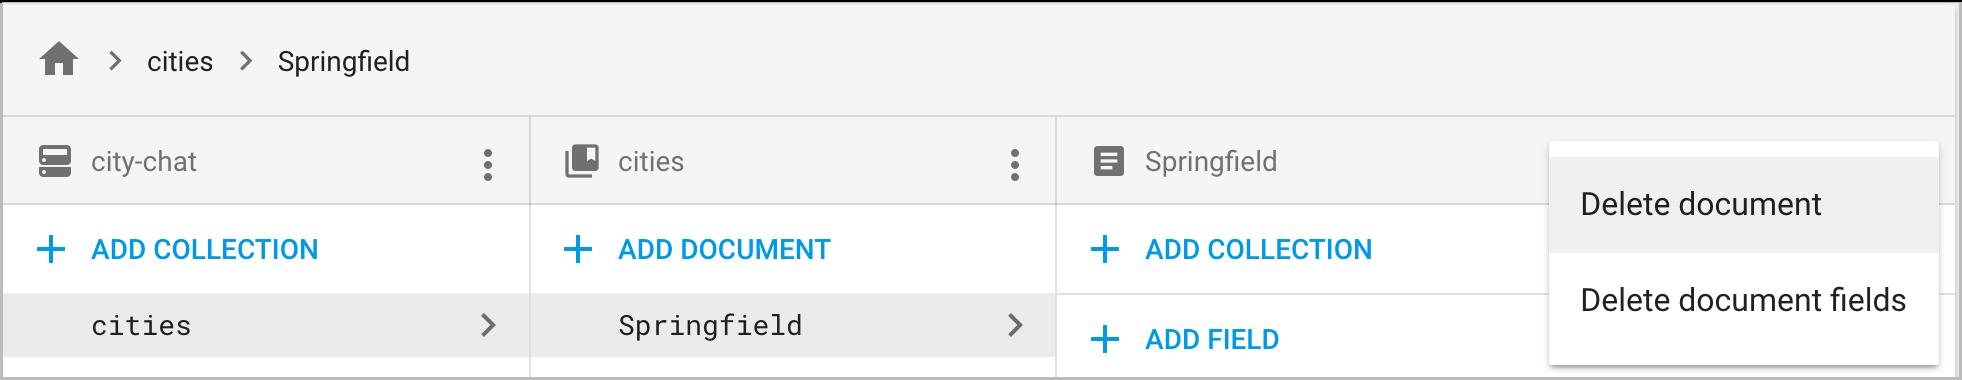 문서 세부정보 열의 컨텍스트 메뉴에서 문서 삭제 또는 문서 필드 삭제 클릭